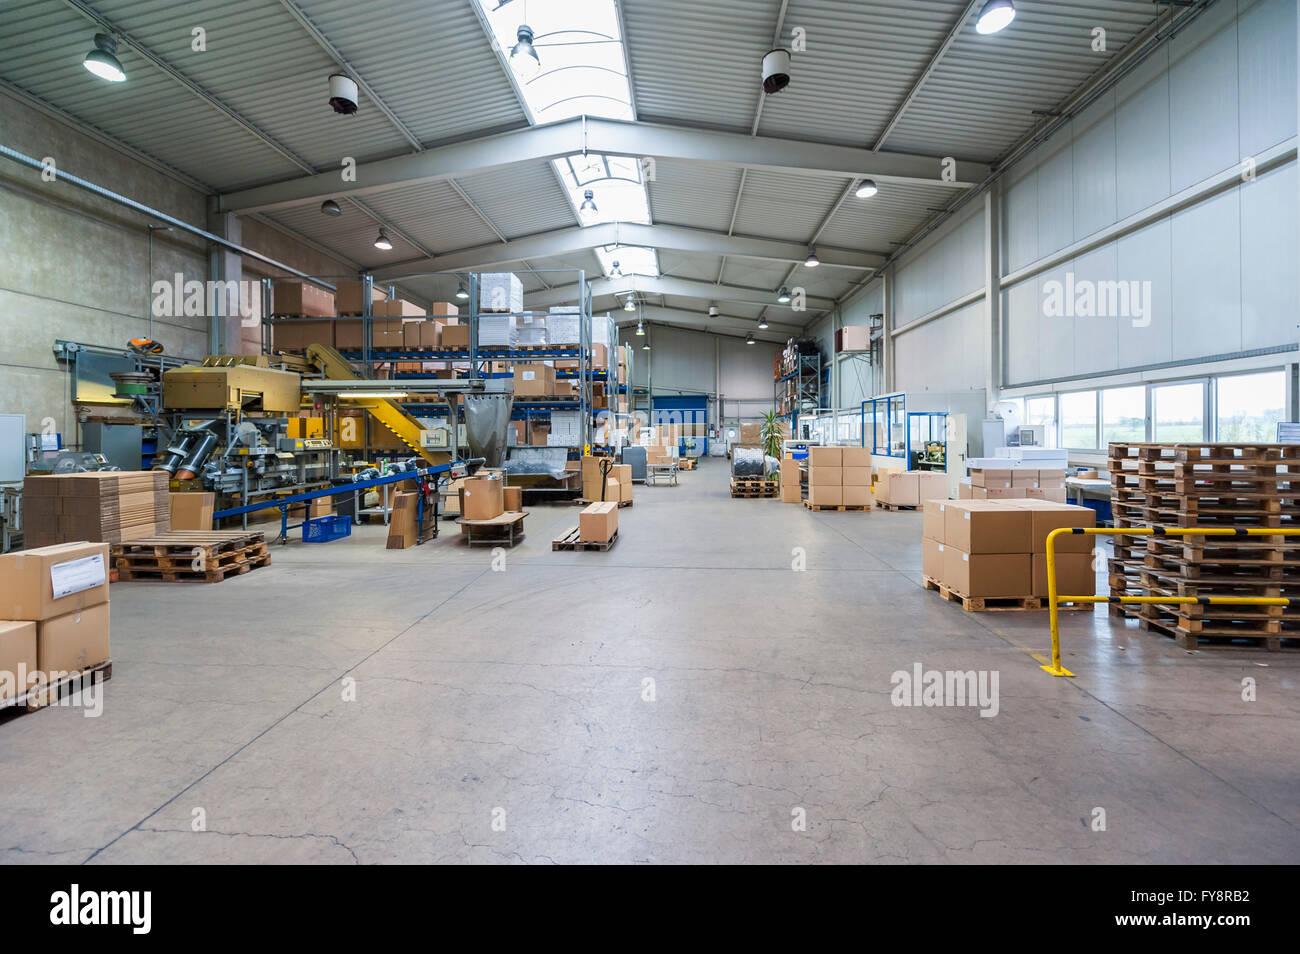 Leere Industriehalle Mit Gespeicherten Pakete Paletten Und